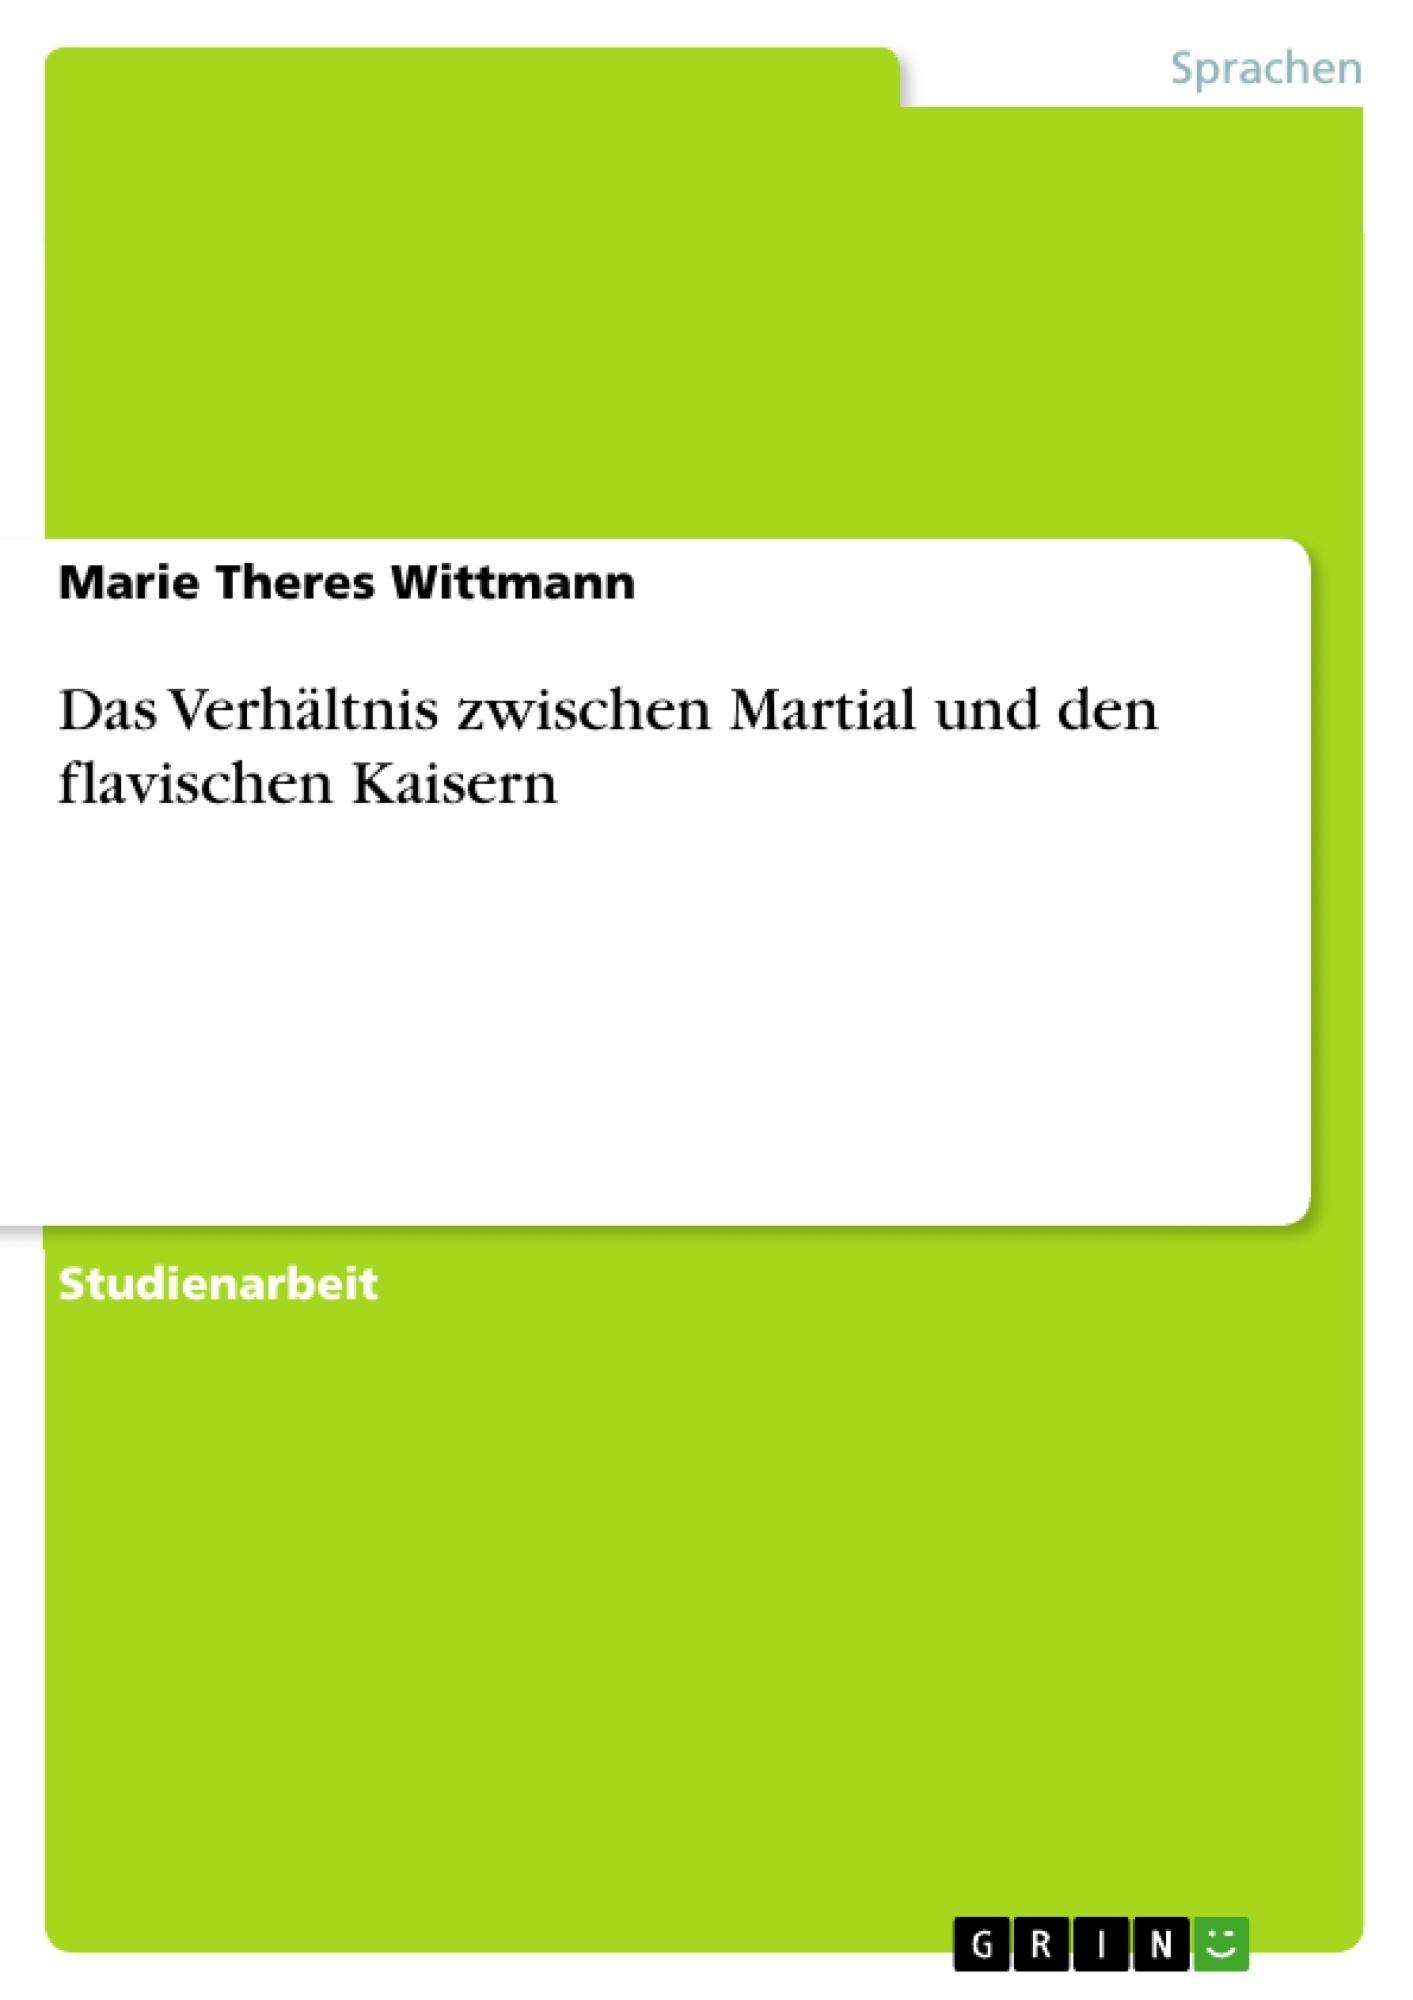 Titel: Das Verhältnis zwischen Martial und den flavischen Kaisern